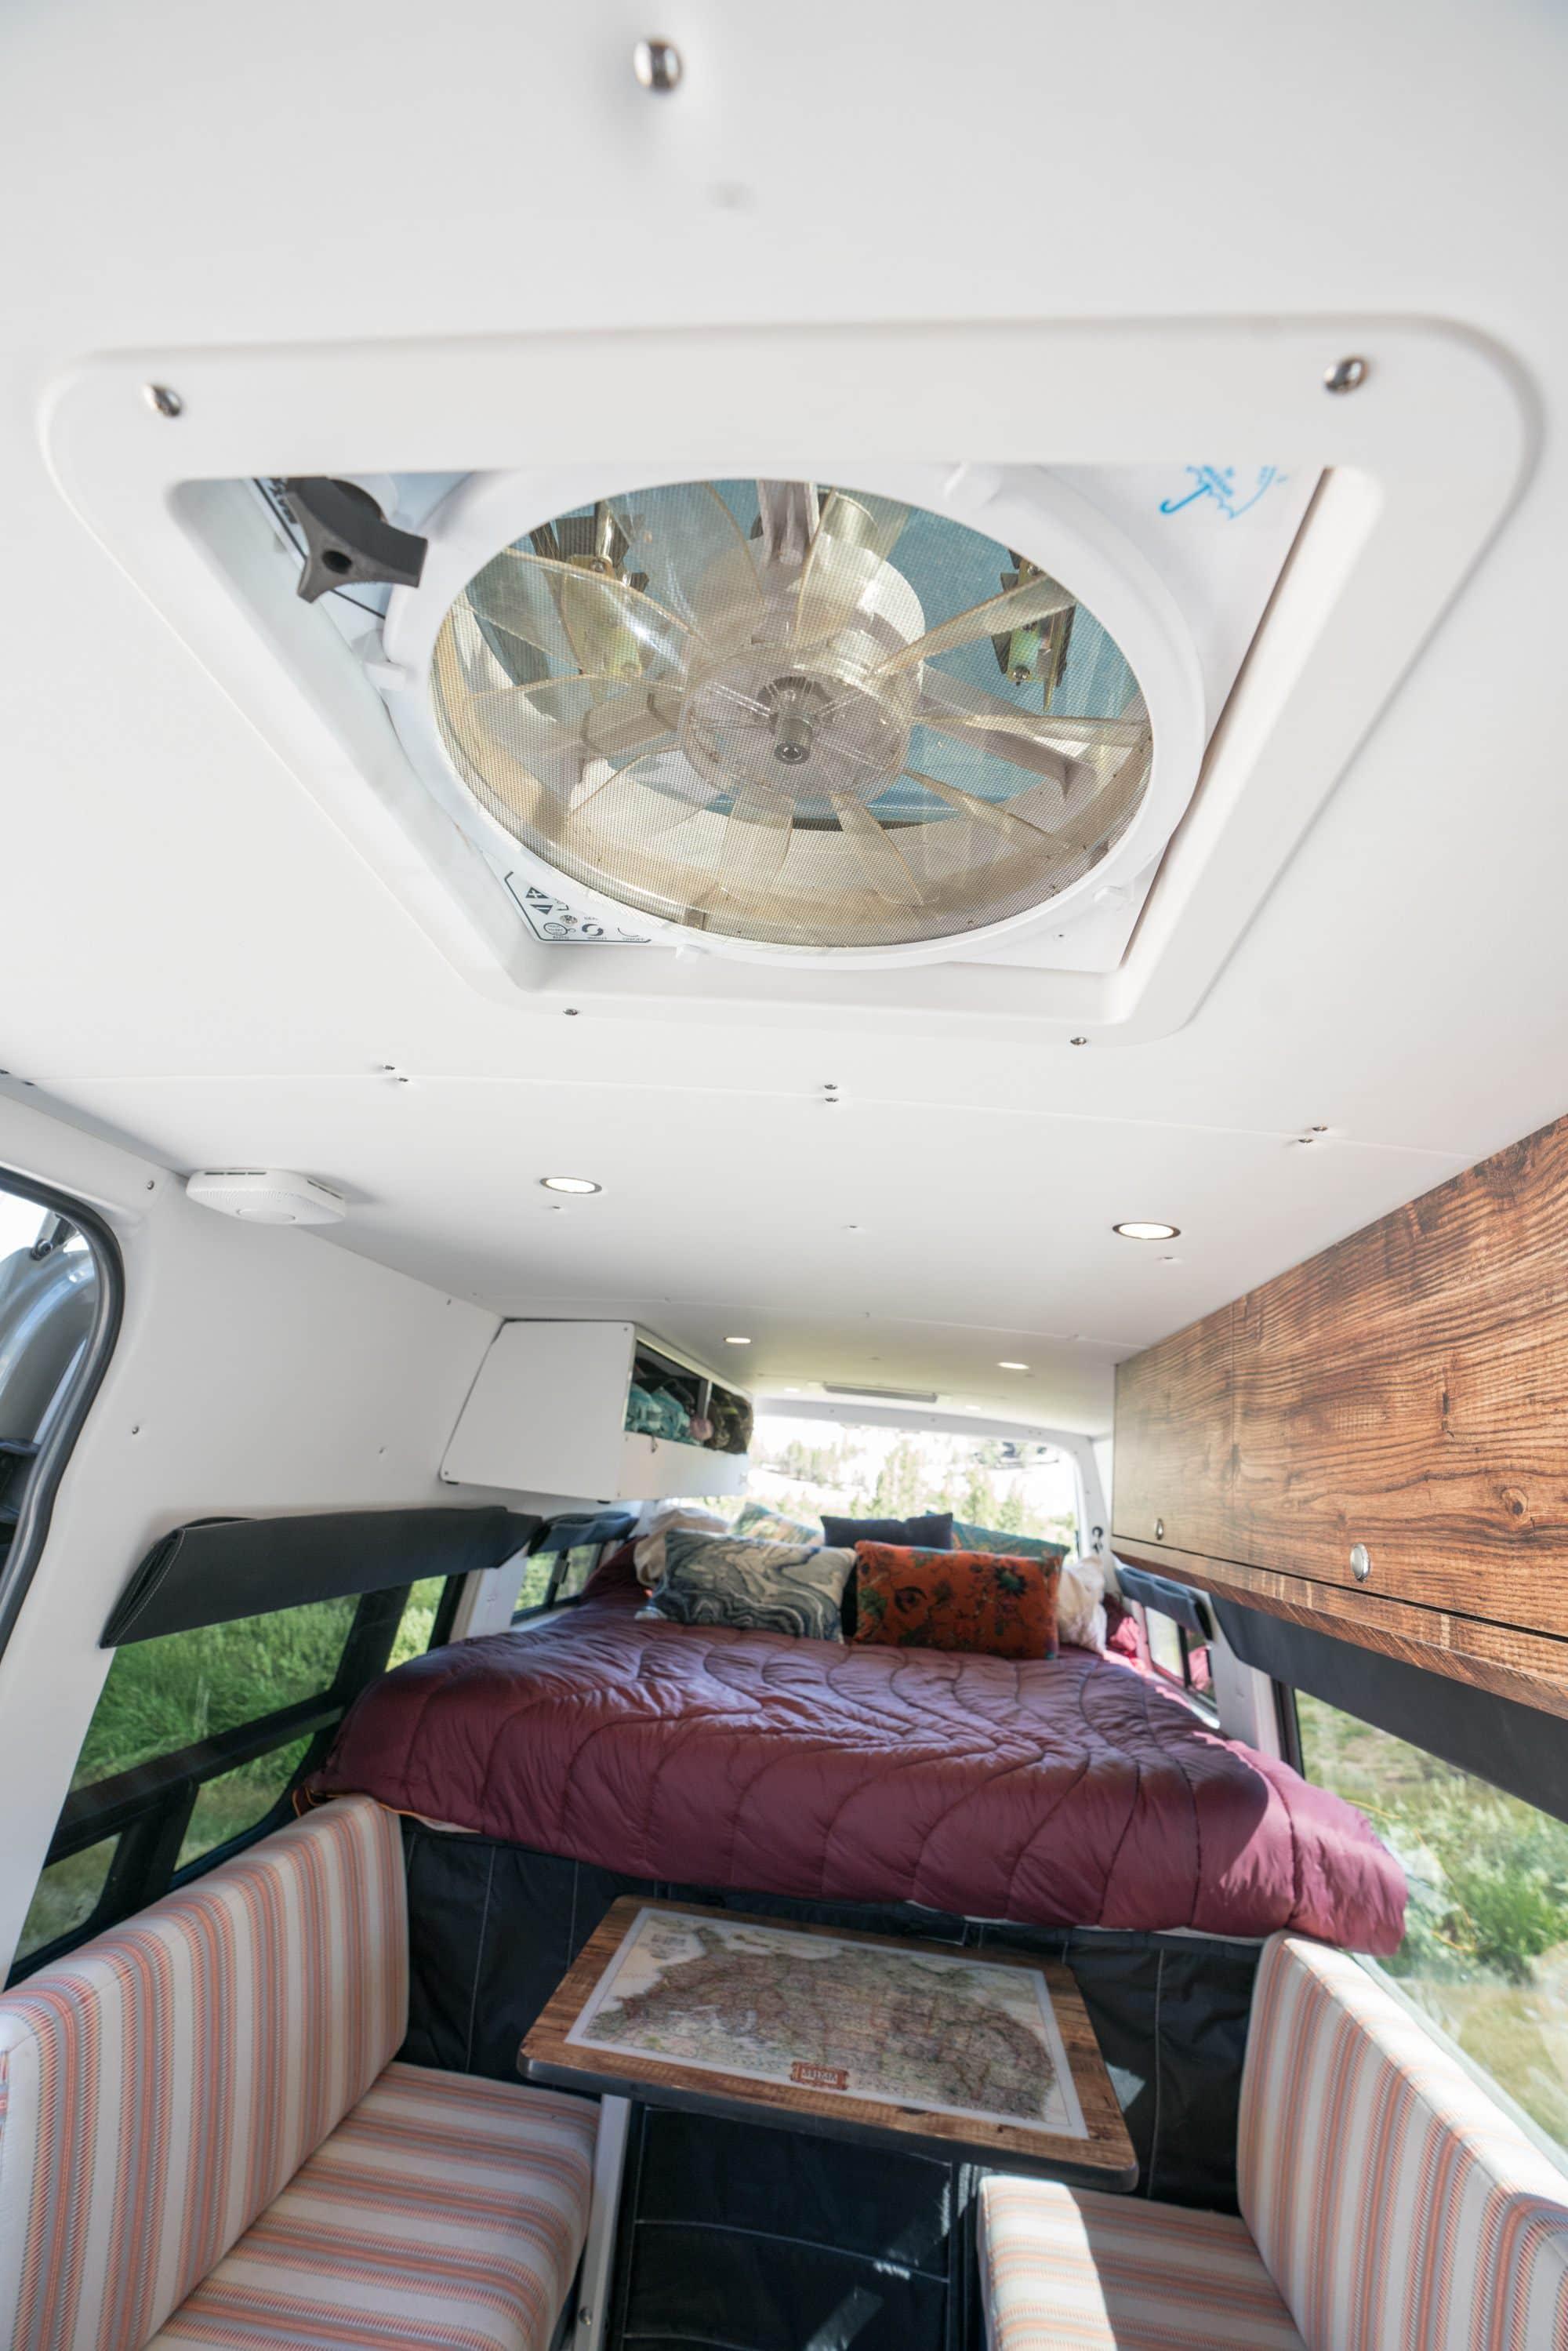 Roof vents in a Sprinter Van